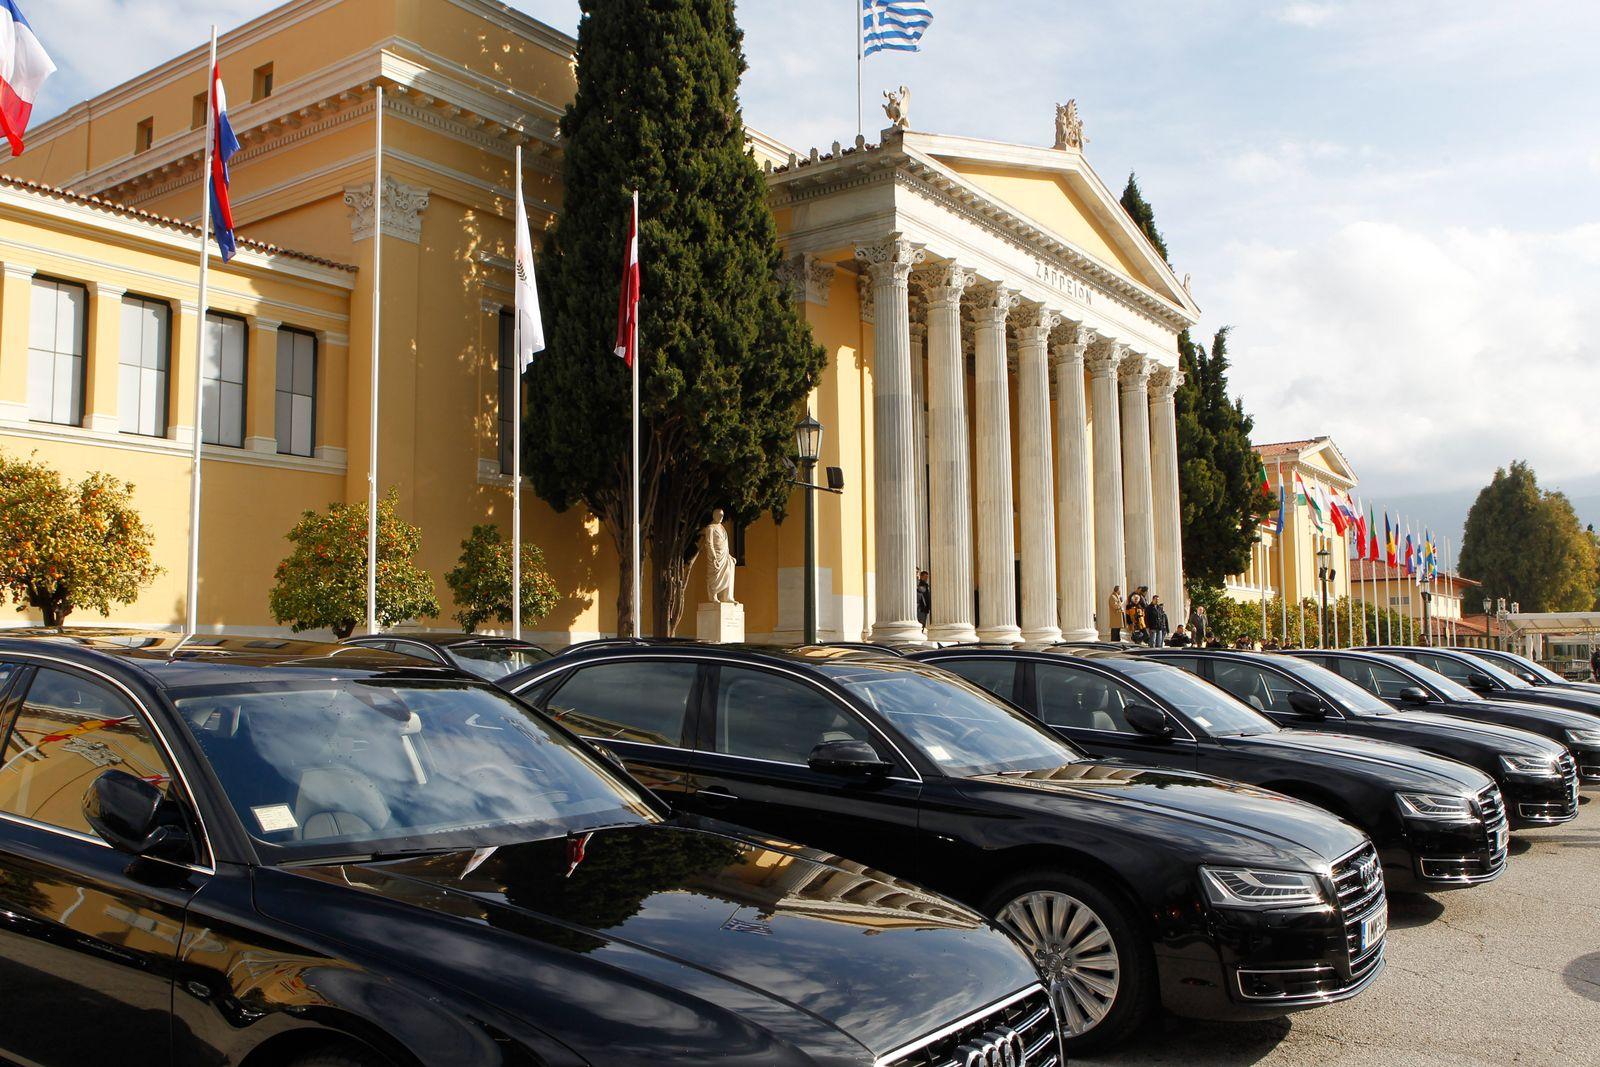 NICHT MEHR VERWENDEN! - Griechenland / Dienstwagen